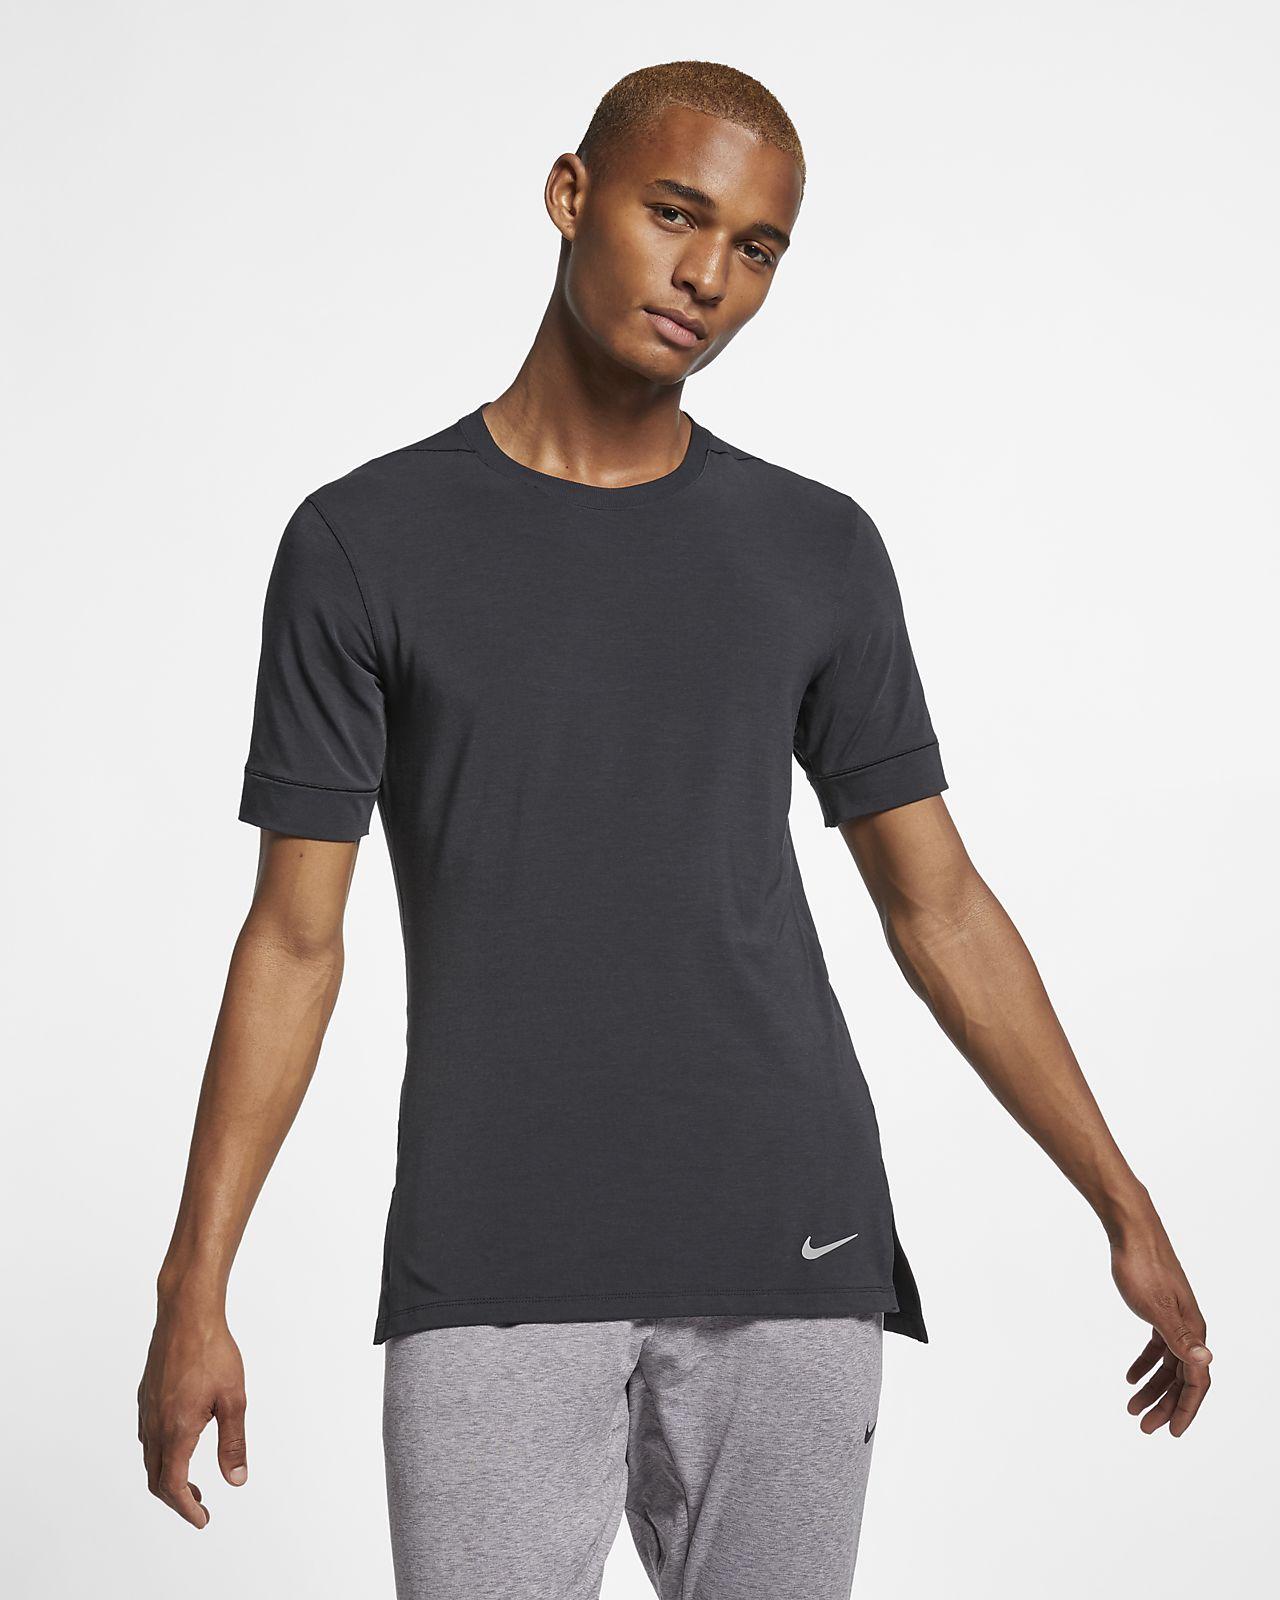 Maglia da yoga a manica corta Nike Dri-FIT - Uomo